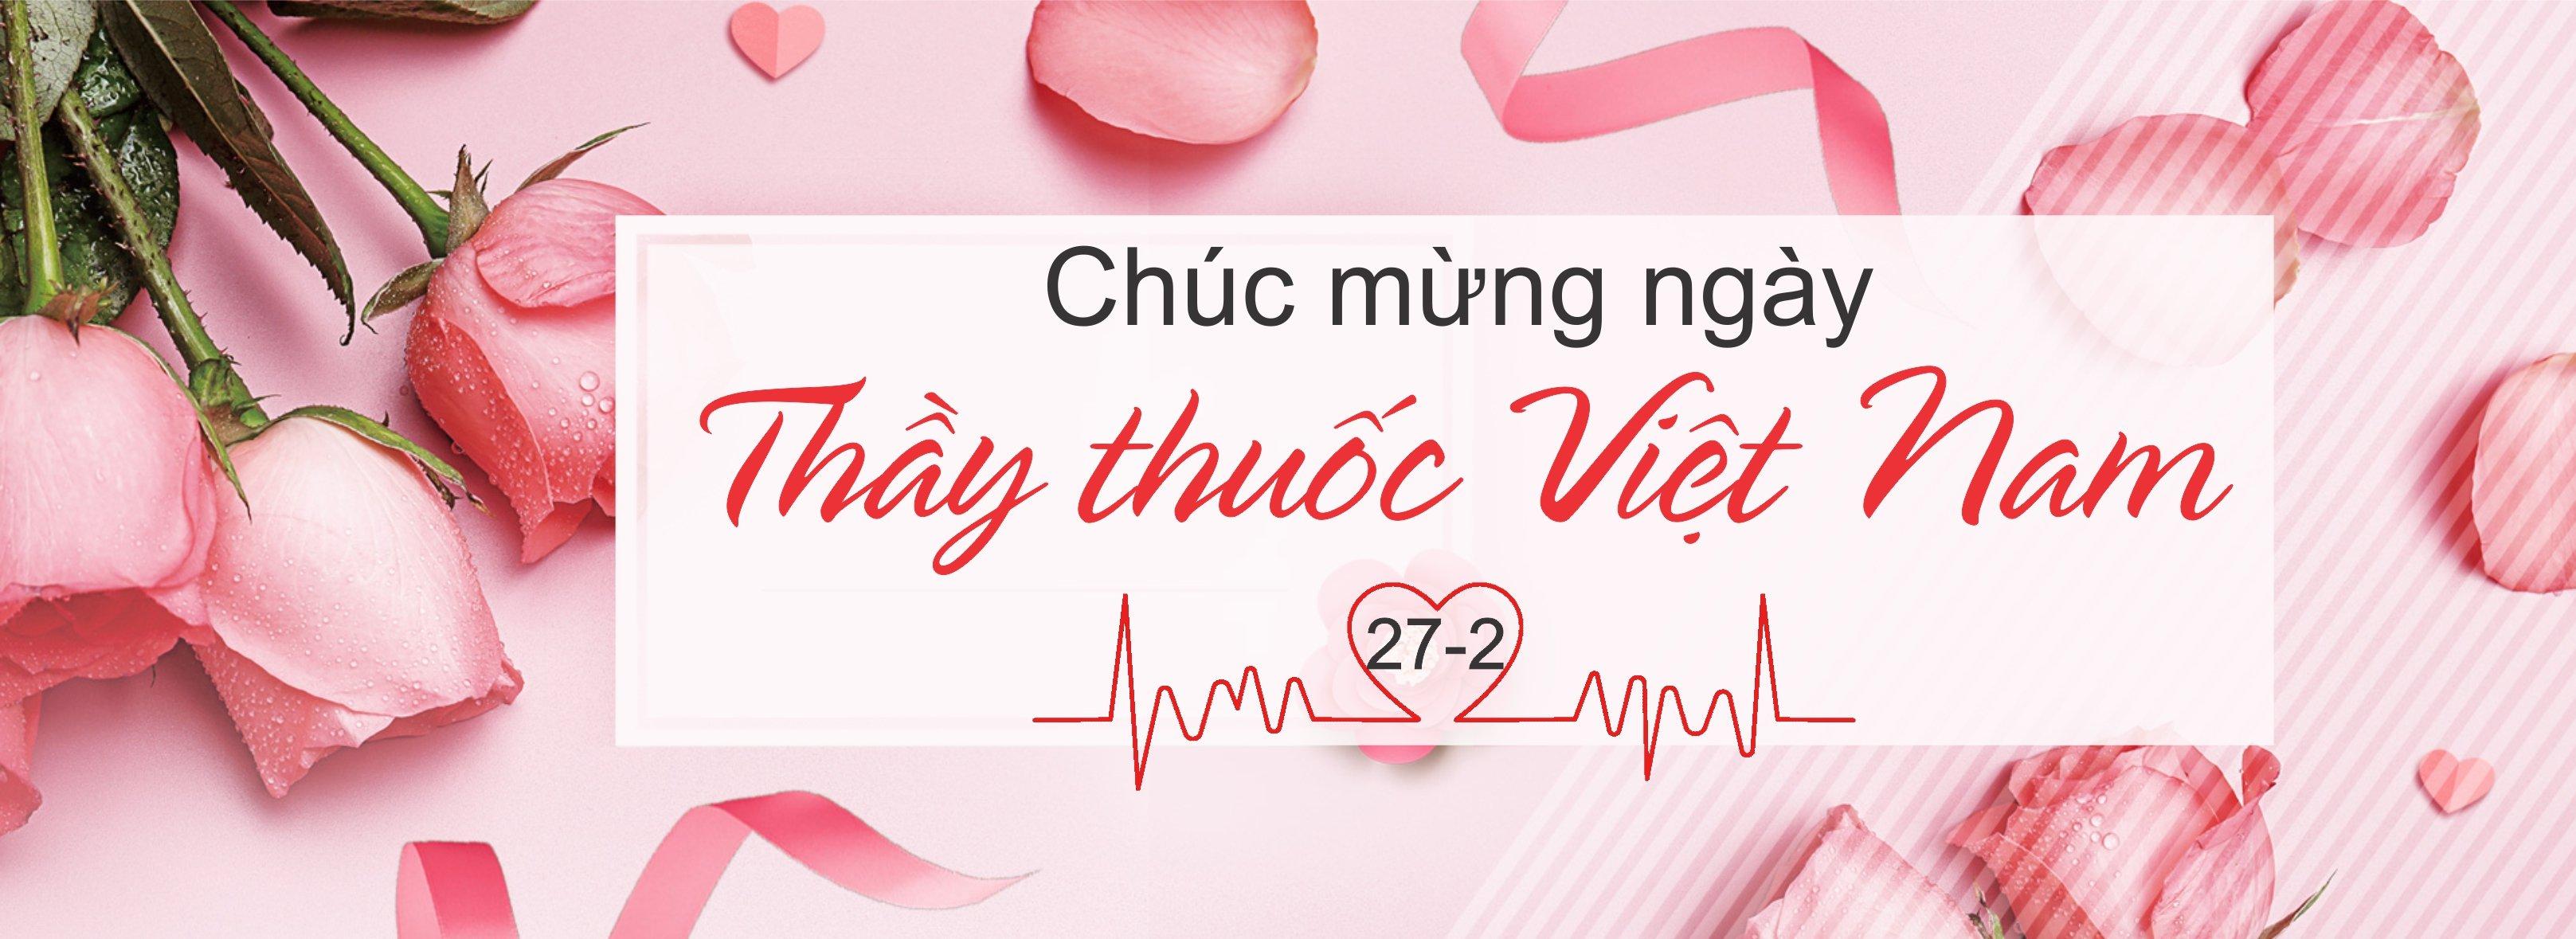 (2021) Chúc Mừng Ngày Thầy thuốc Việt Nam 27/02/2021